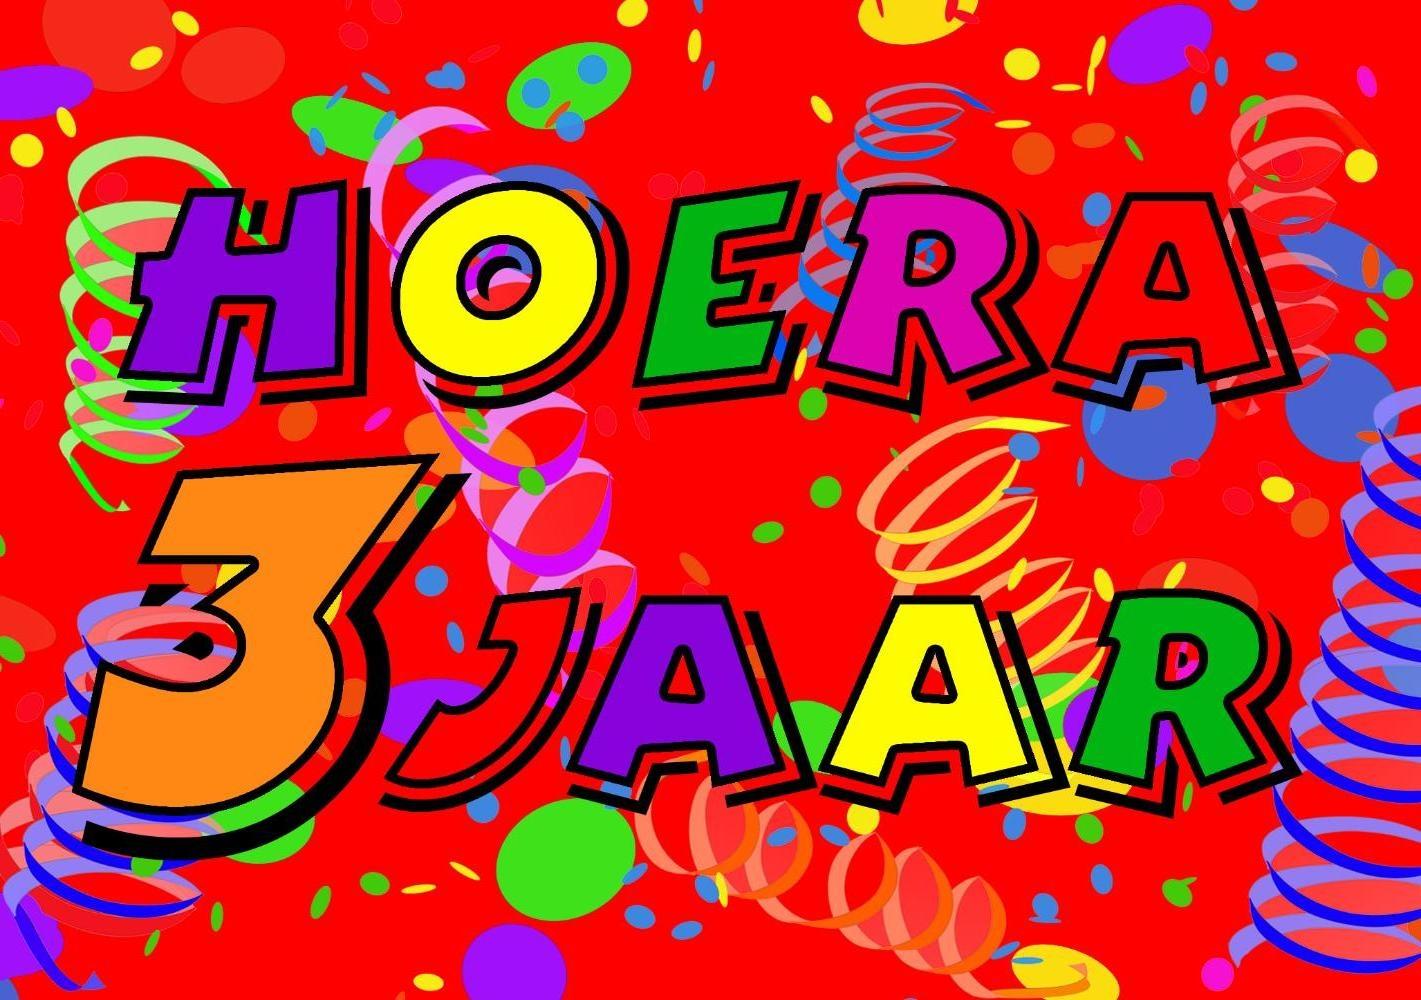 verjaardagskaart kind 3 jaar Verjaardagskaart kind: Hoera 3 jaar!   Kaartjeposten.nl verjaardagskaart kind 3 jaar